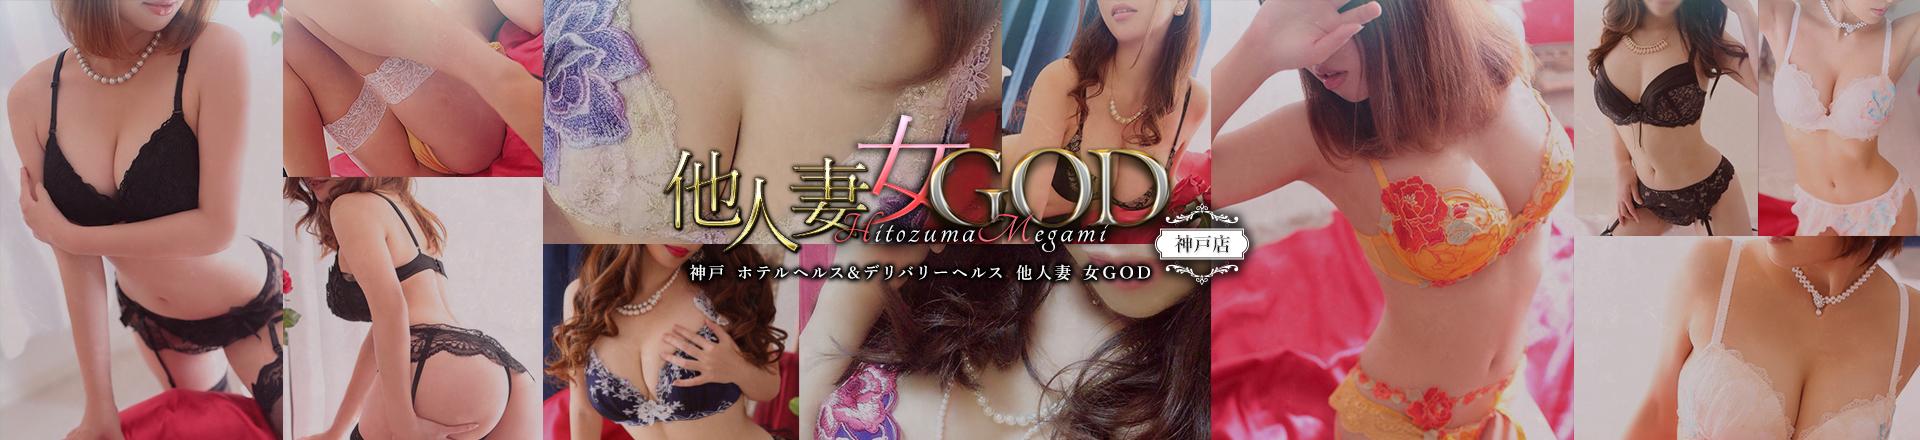 神戸デリヘル 若妻 女GODメガミ 神戸店